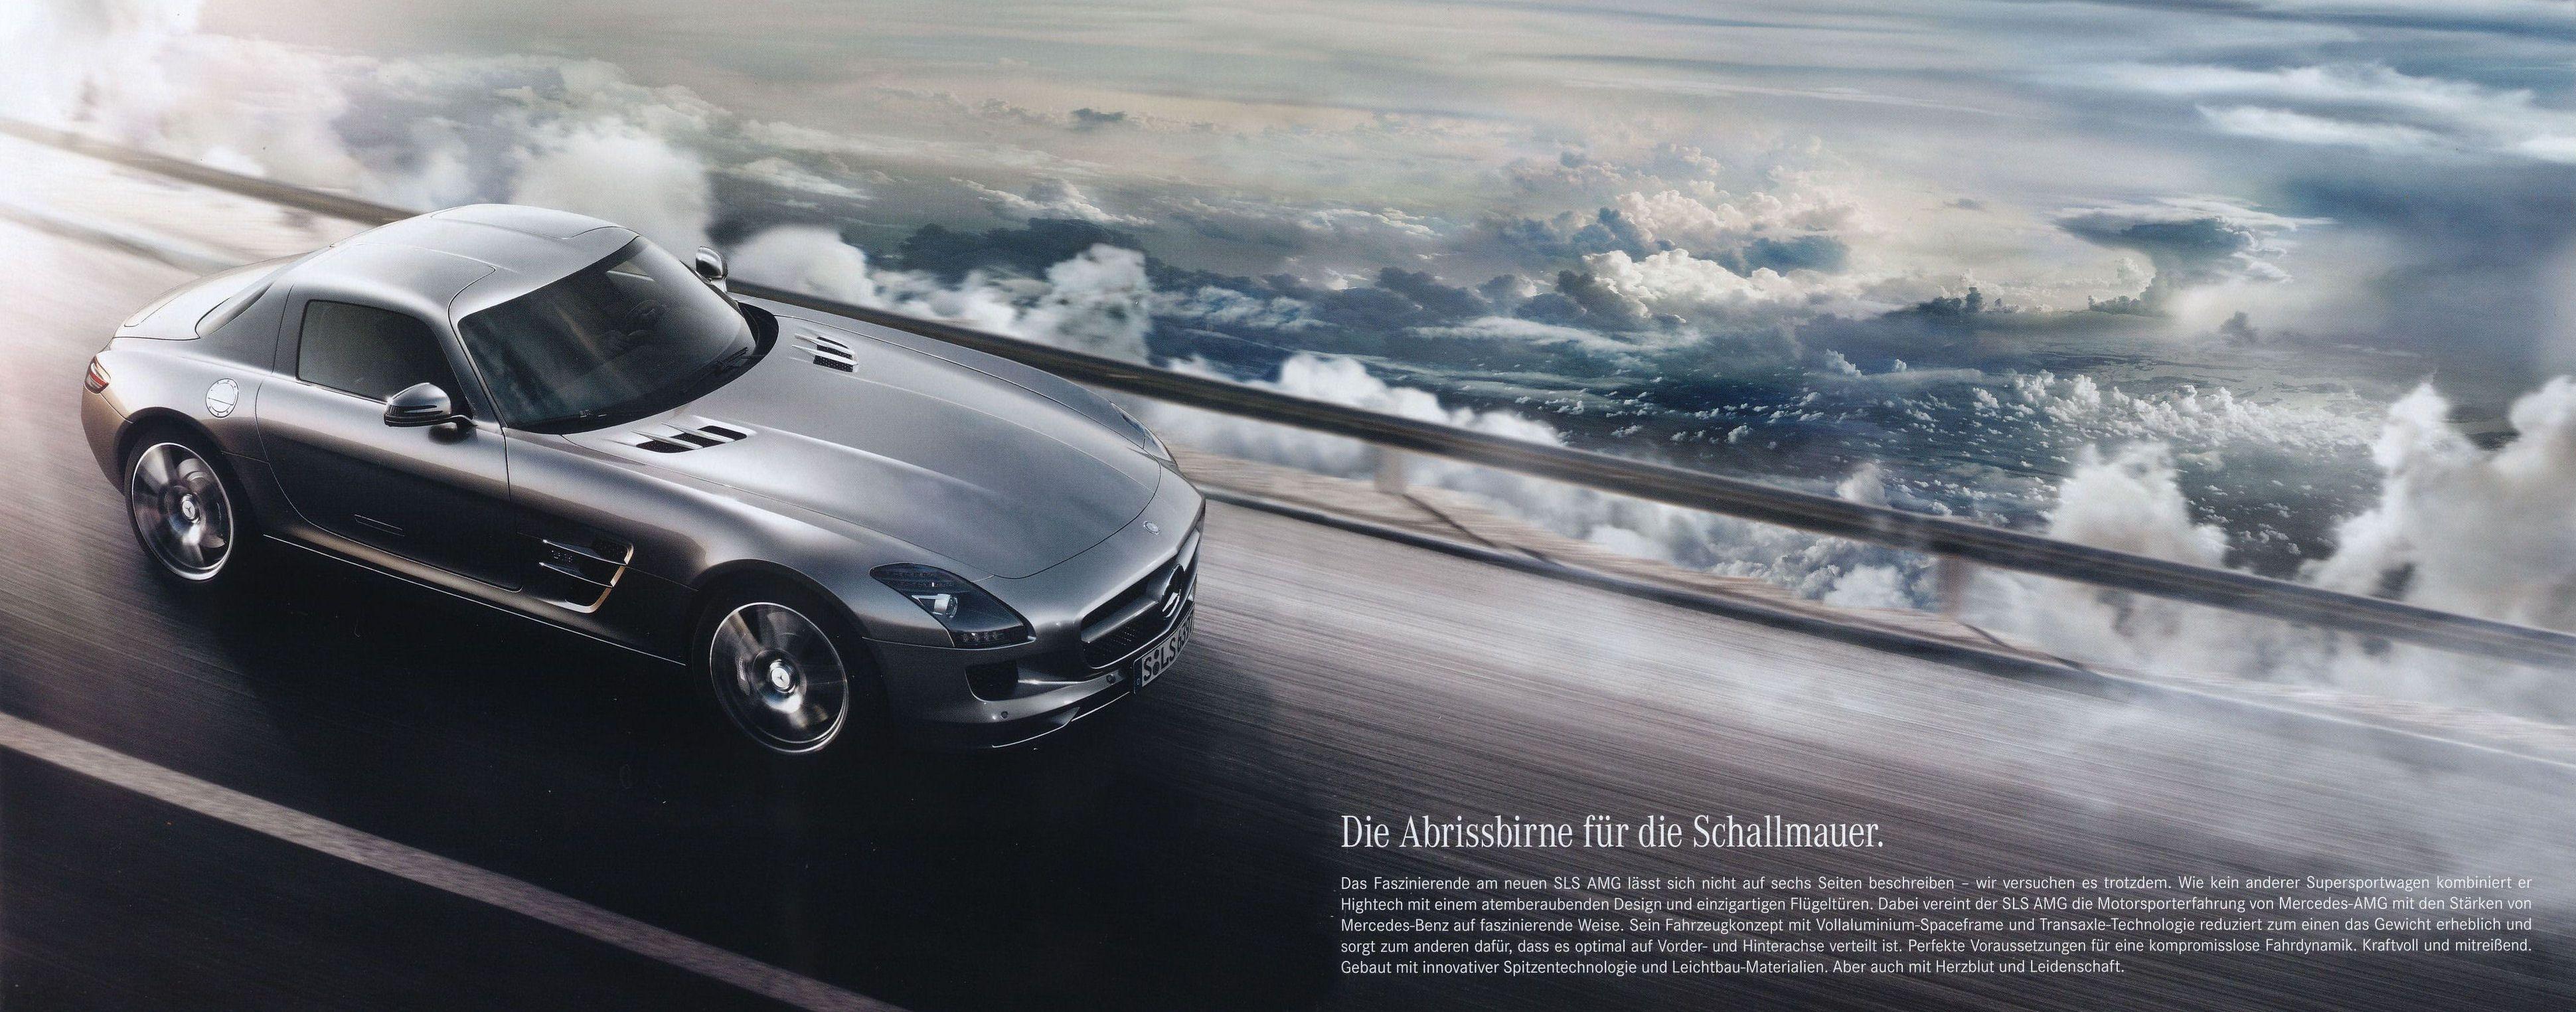 2009 Mercedes Sls Amg Brochure